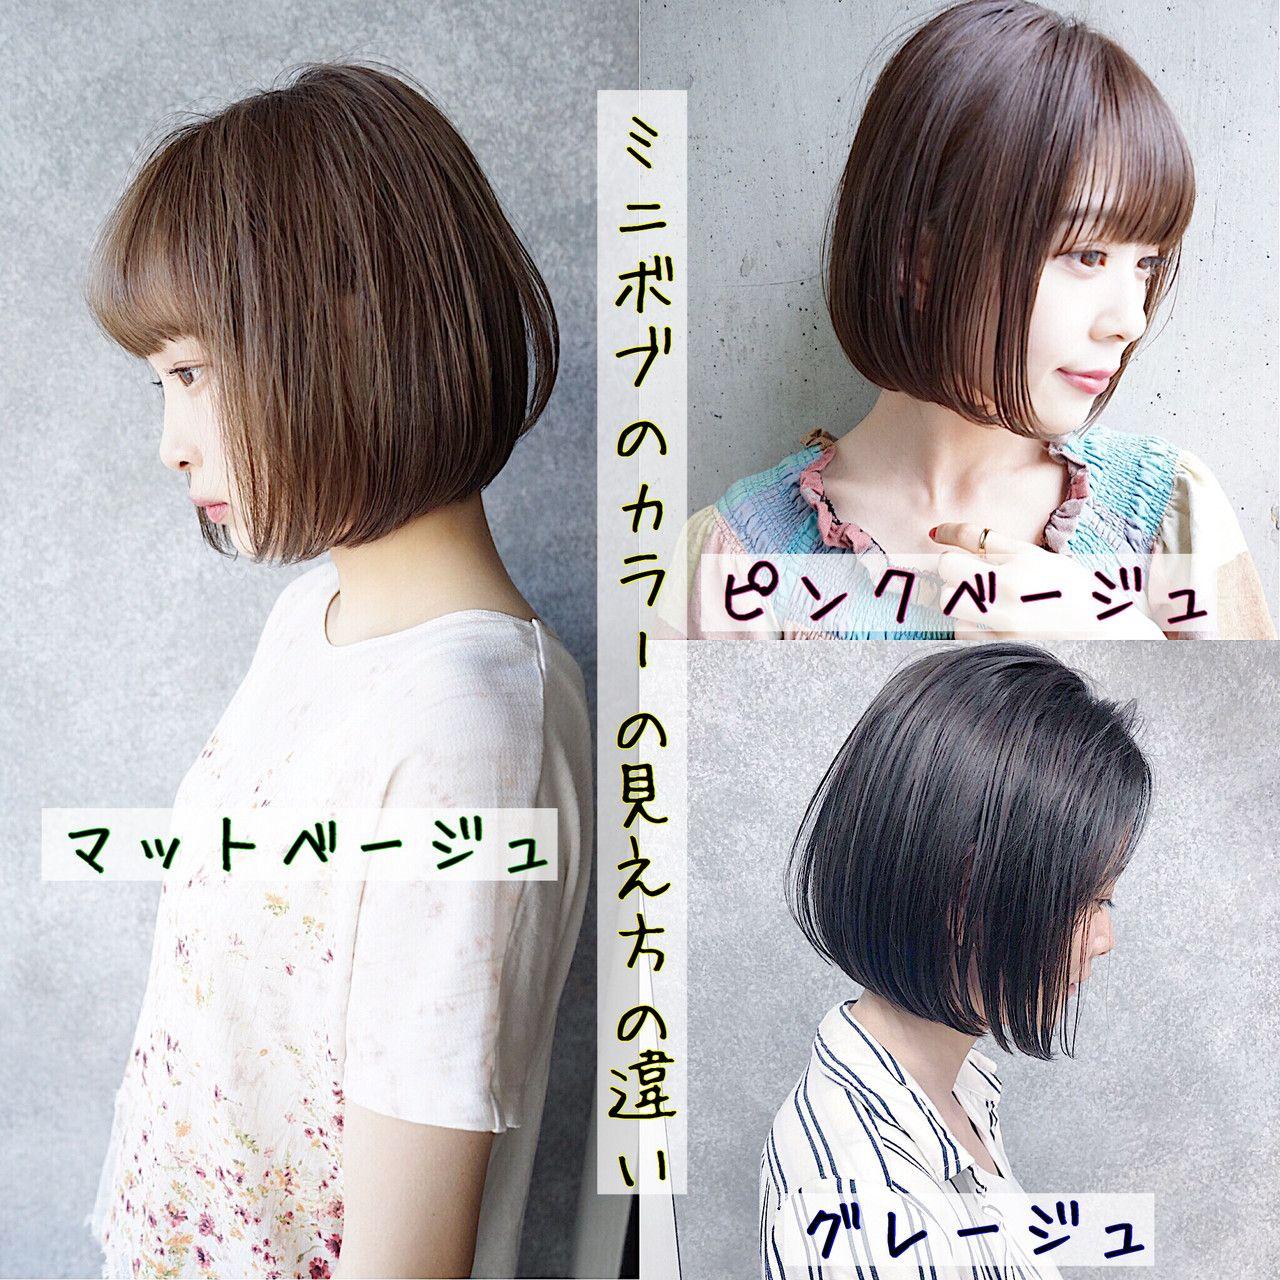 縮毛矯正 ボブ 銀座美容室 ミニボブ ヘアスタイルや髪型の写真 画像